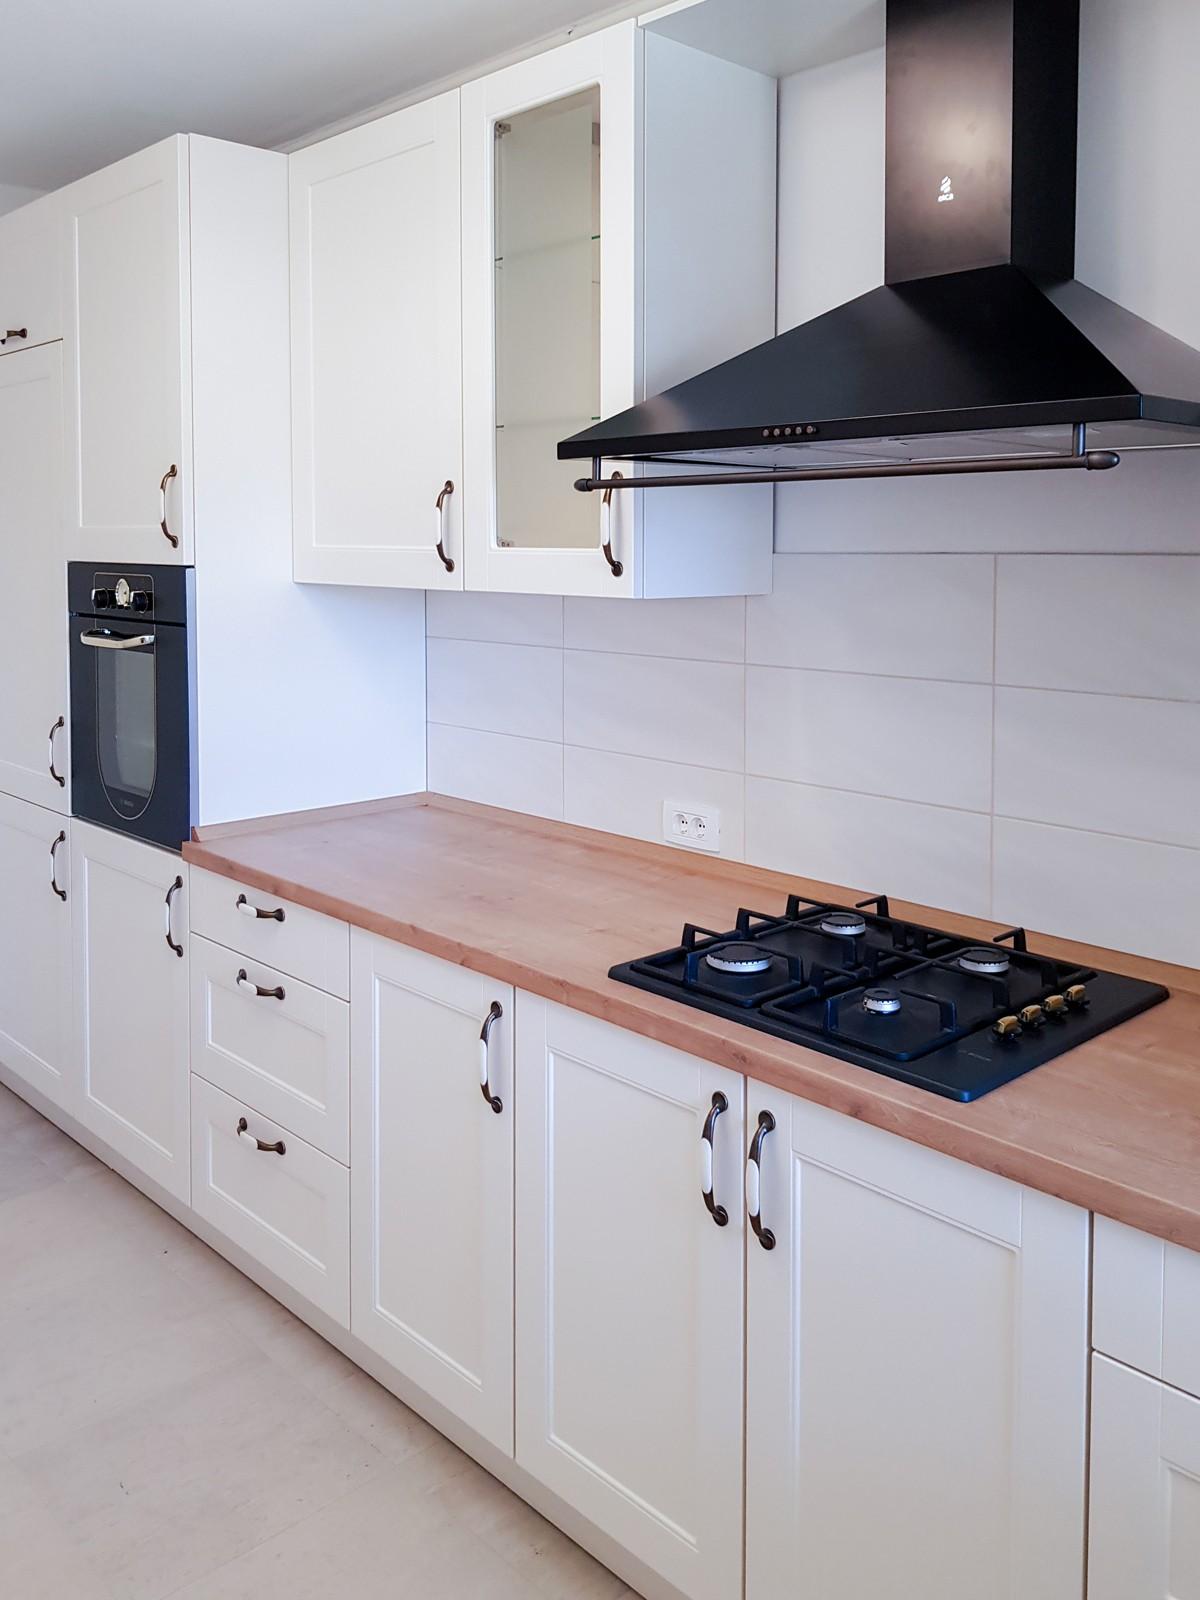 Referință - Bucătărie rustică Nobilia Lucca - Bej / Stejar Provence